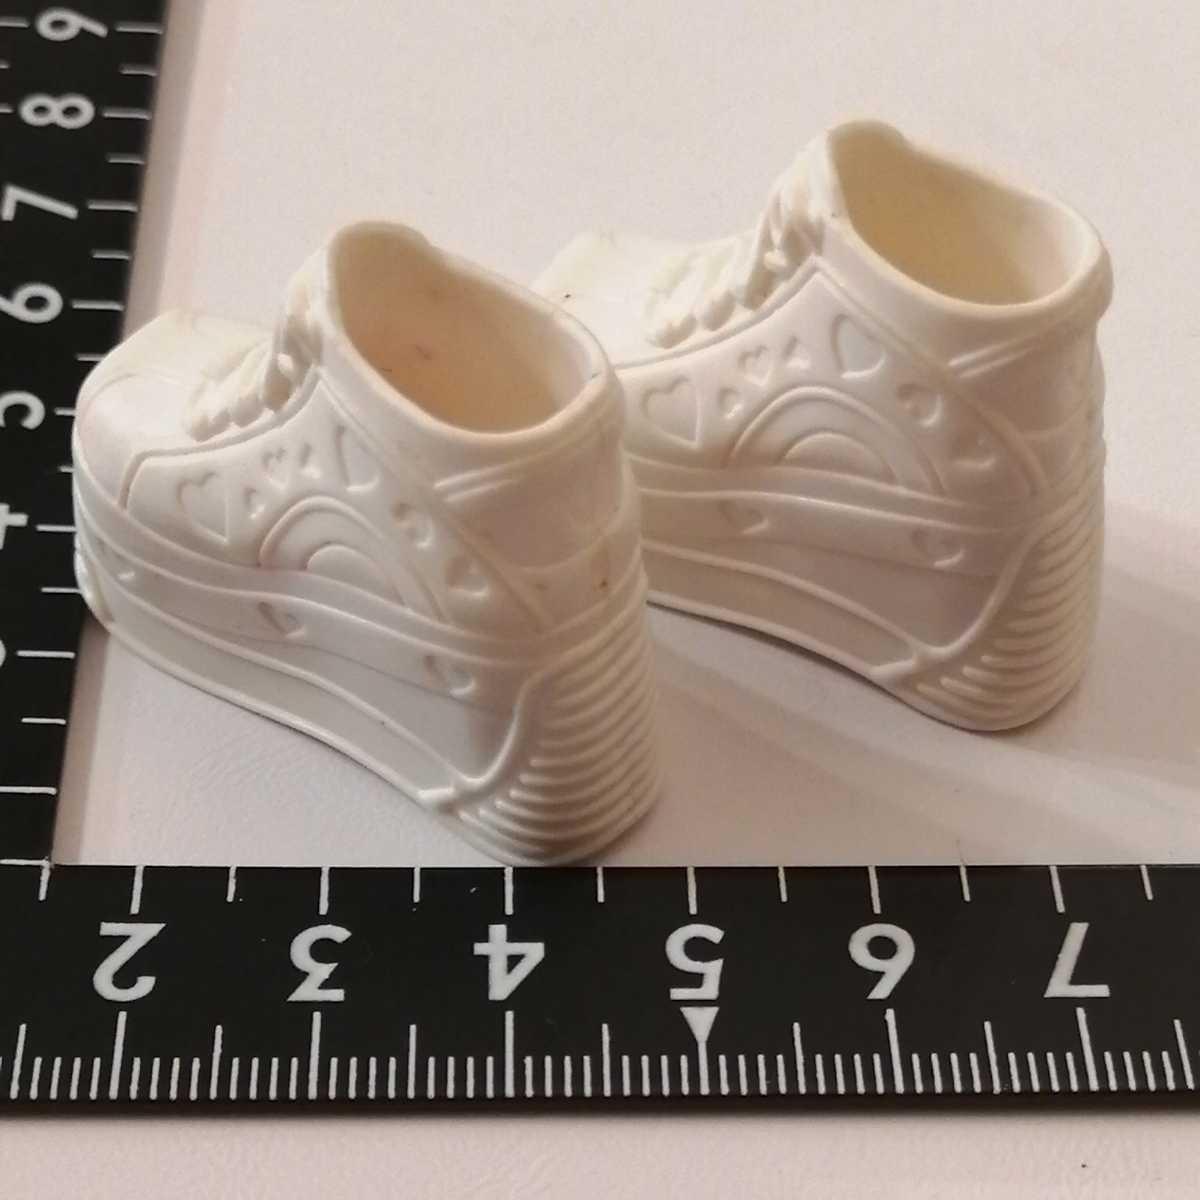 人形用 白 ホワイト ハート 厚底 ブライス リカちゃん ピュアニーモ スニーカー momokodoll着用可能 靴 シューズ 1/6ドール 靴下ok_画像5